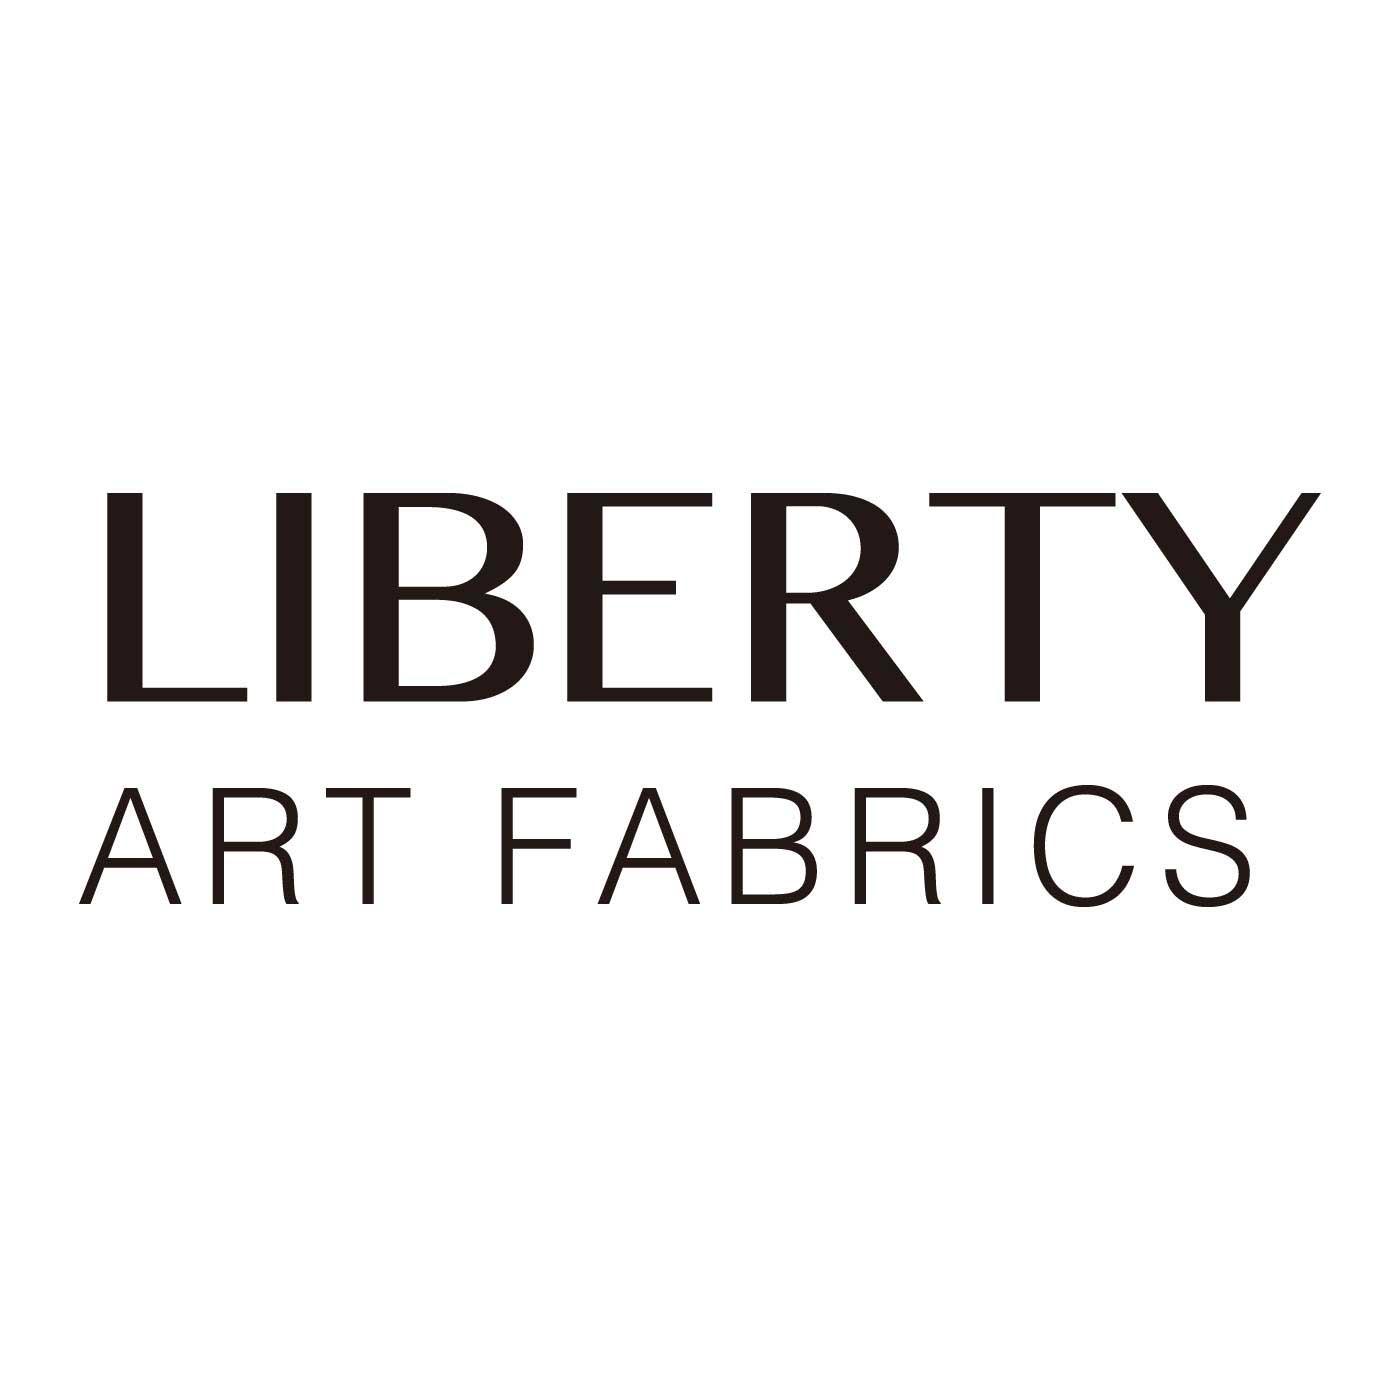 リバティ・アート・ファブリックとはイギリス、ロンドンにある老舗プリントメーカー。独特の美しい色彩と繊細なタッチで描かれるリバティプリントは絶大な支持を集める英国テキスタイルブランドです。